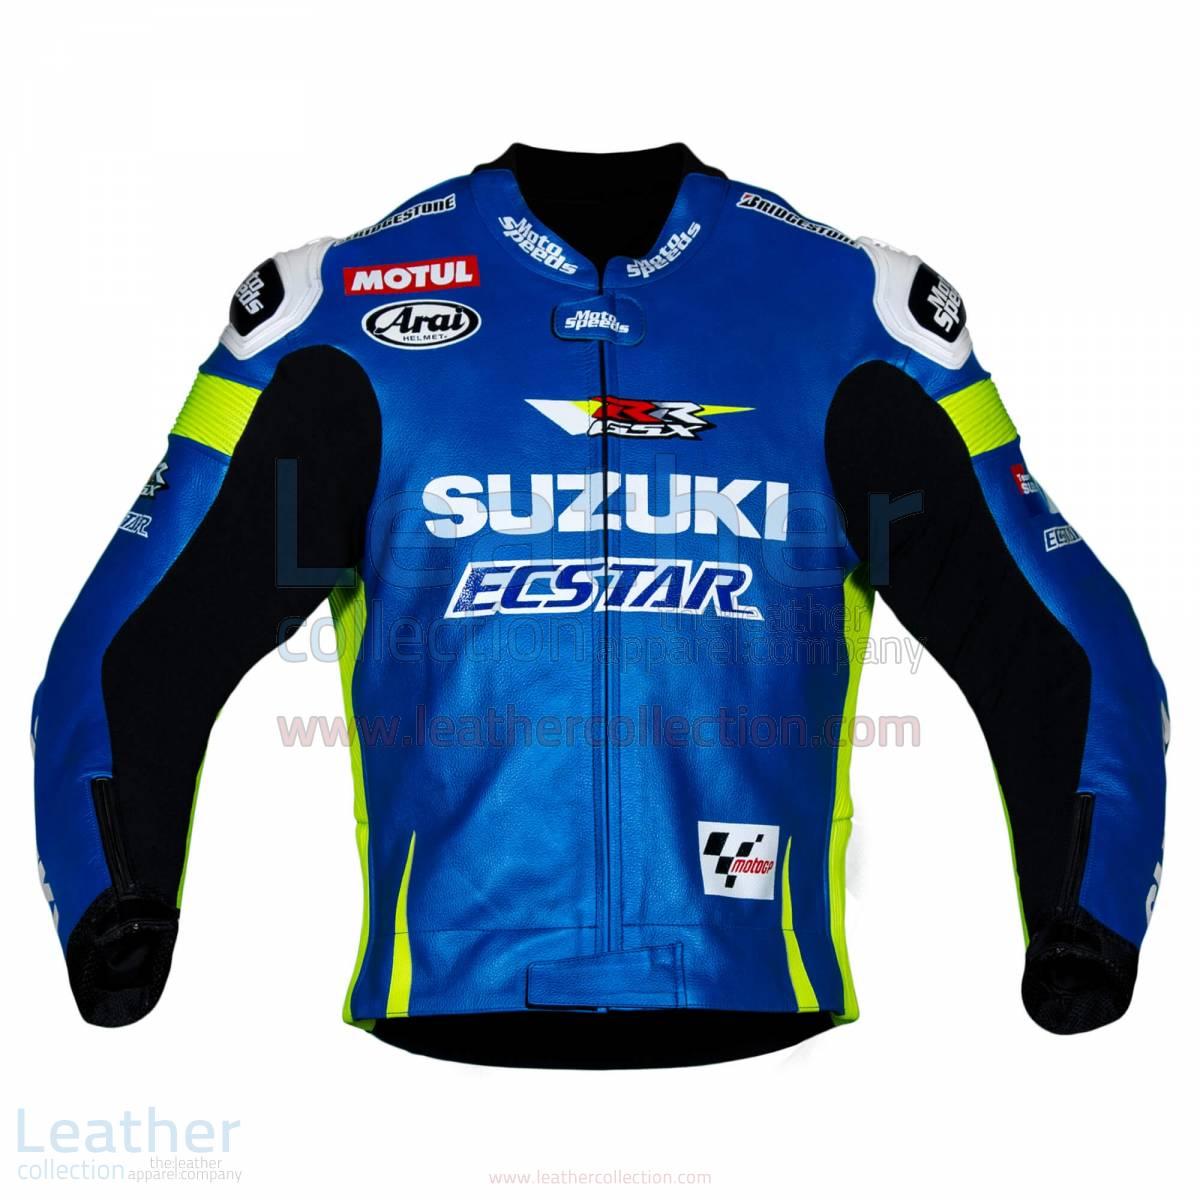 suzuki jacket